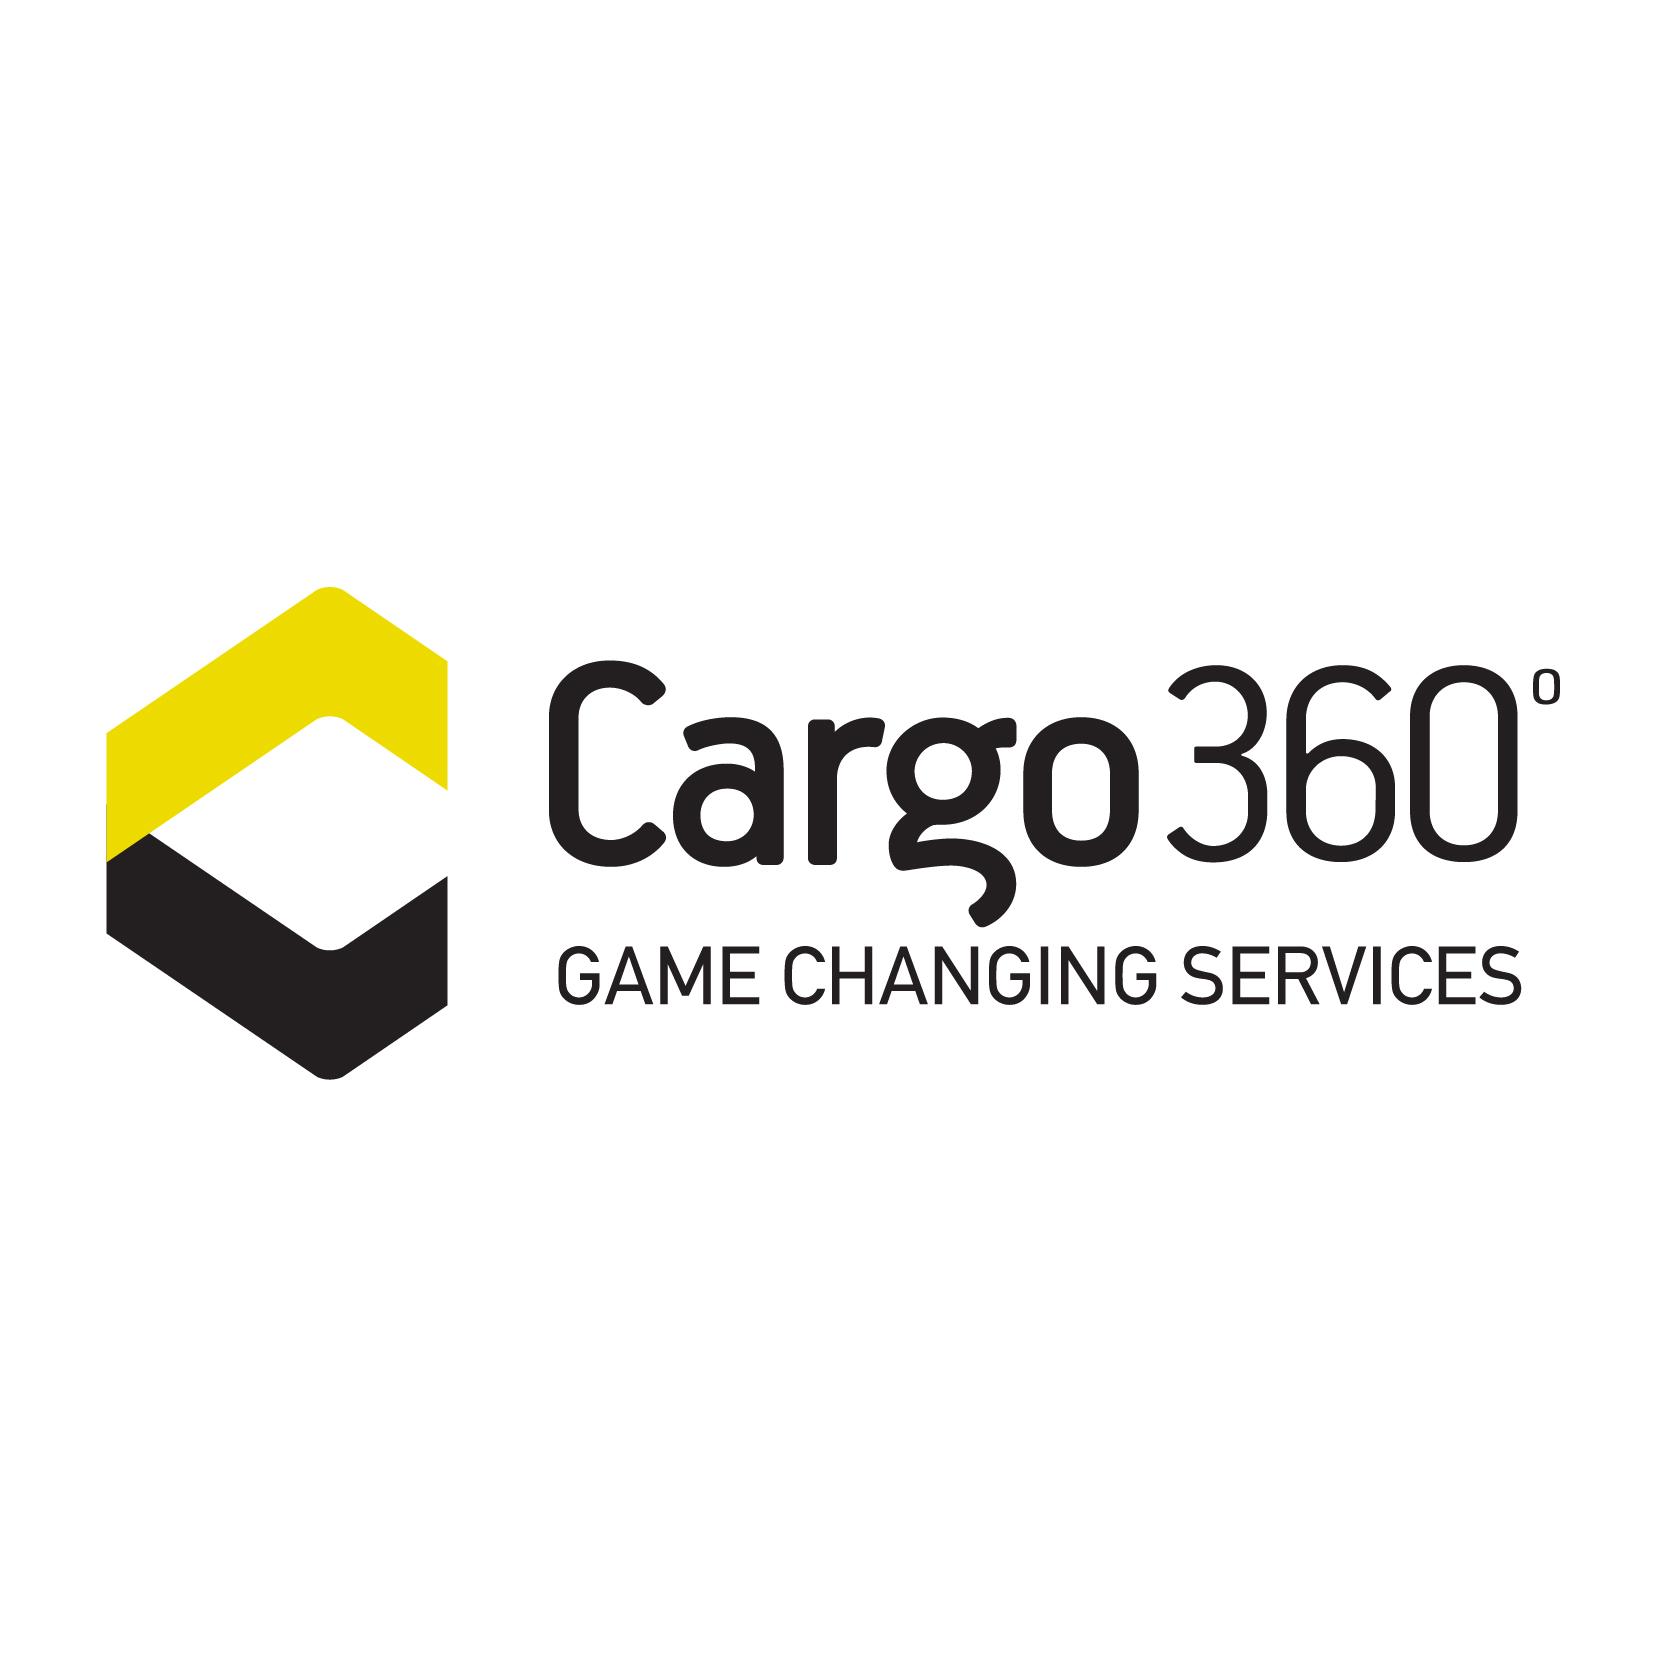 CARGO360 LOGO